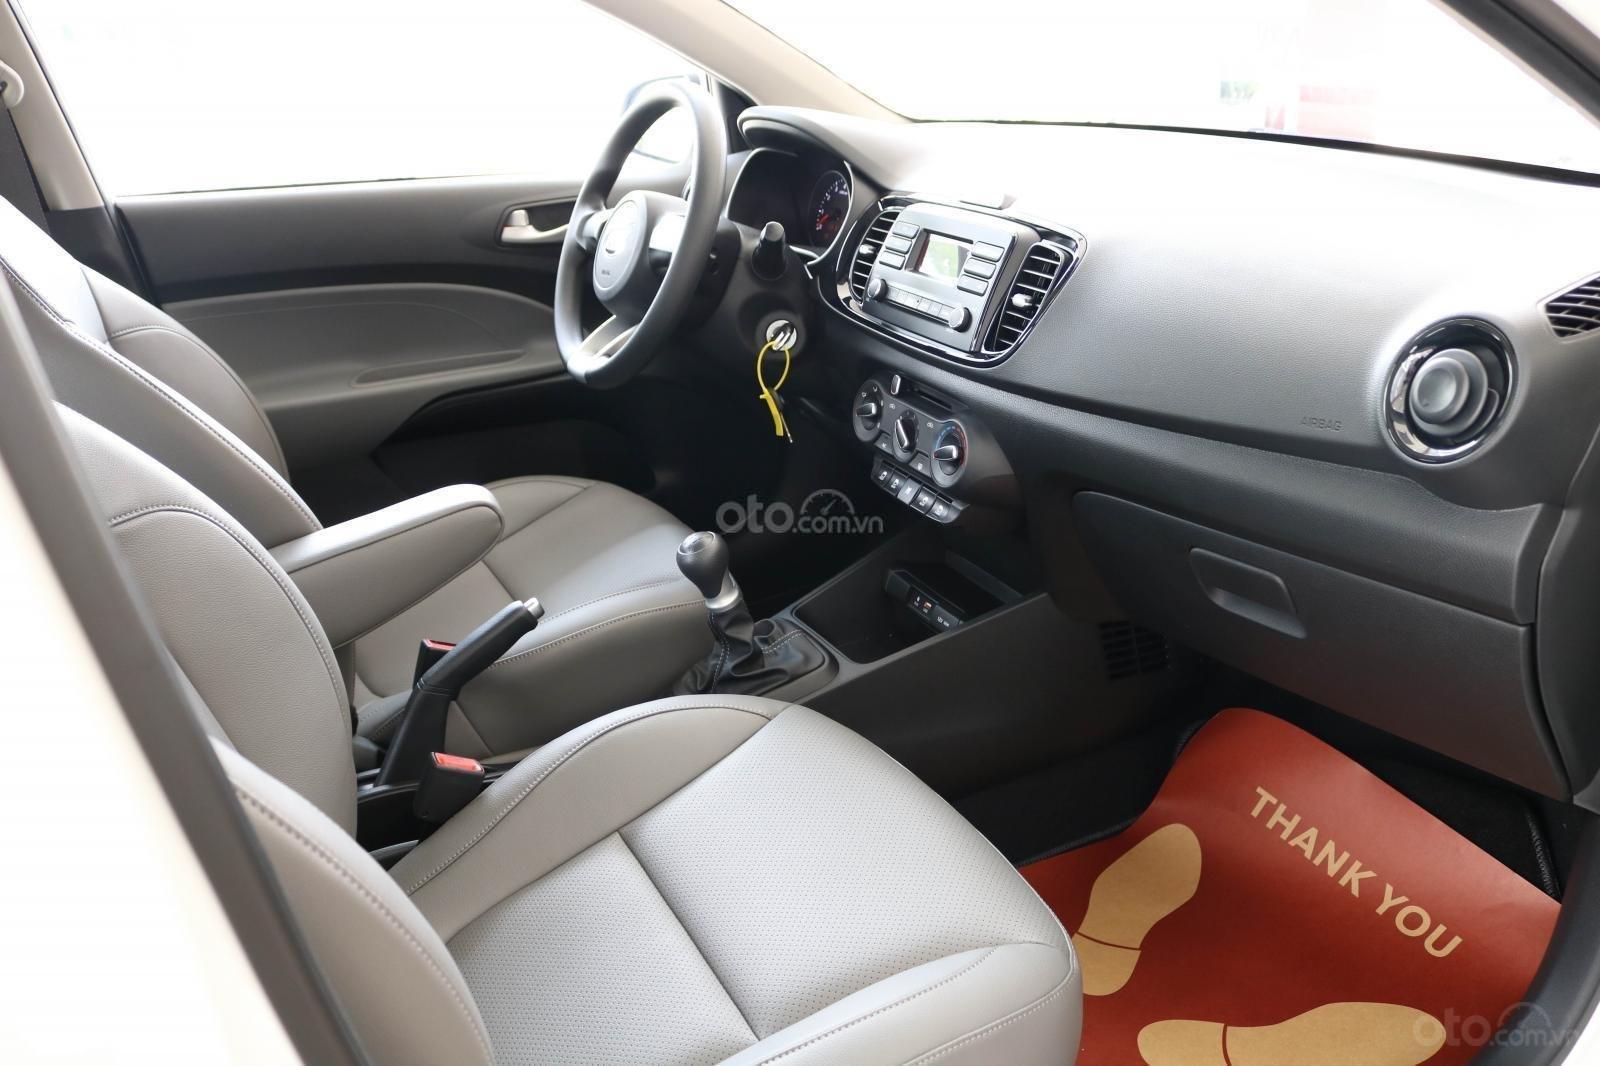 Kia Soluto 2019 số sàn - Có xe giao liền - Đủ màu, tặng phụ kiện + tặng bảo hiểm - Đưa trước 145 triệu (17)